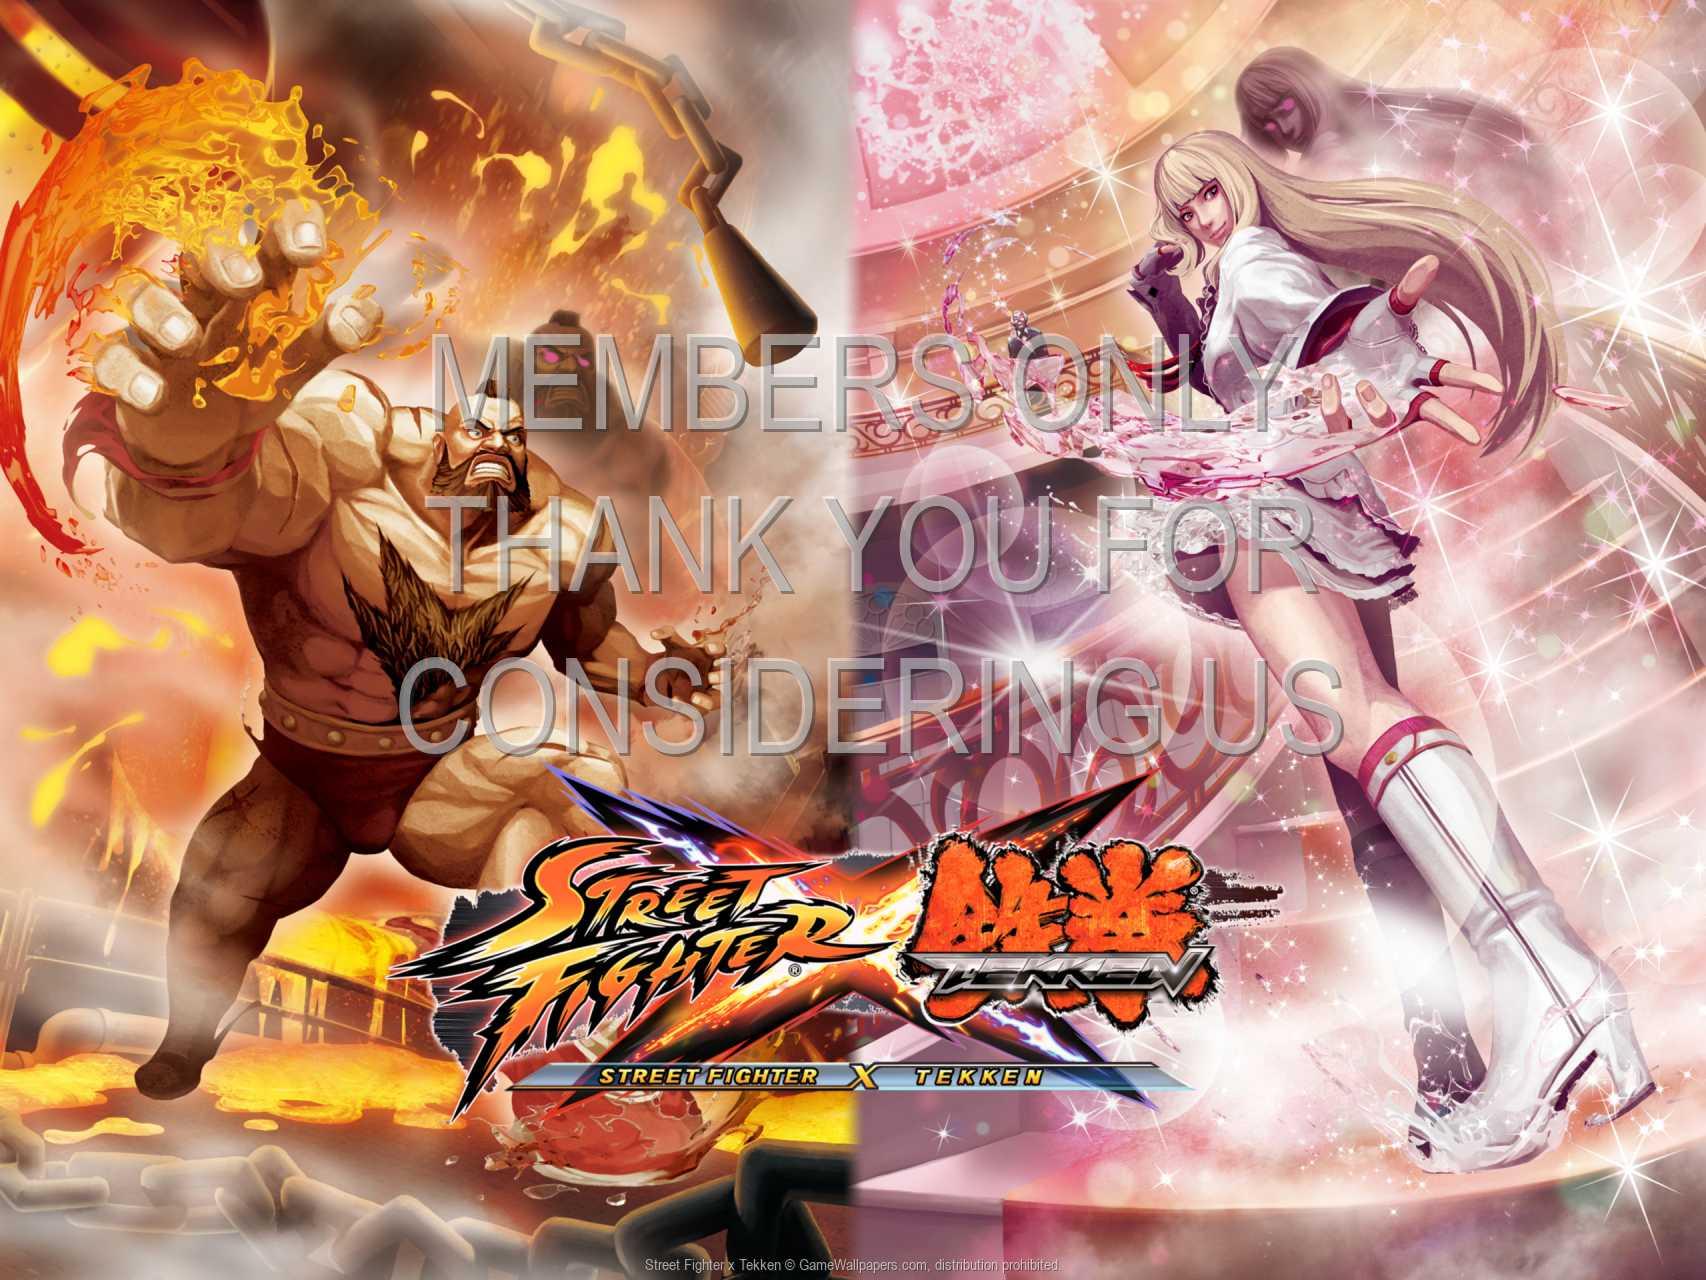 Street Fighter x Tekken 720p Horizontal Mobile wallpaper or background 02